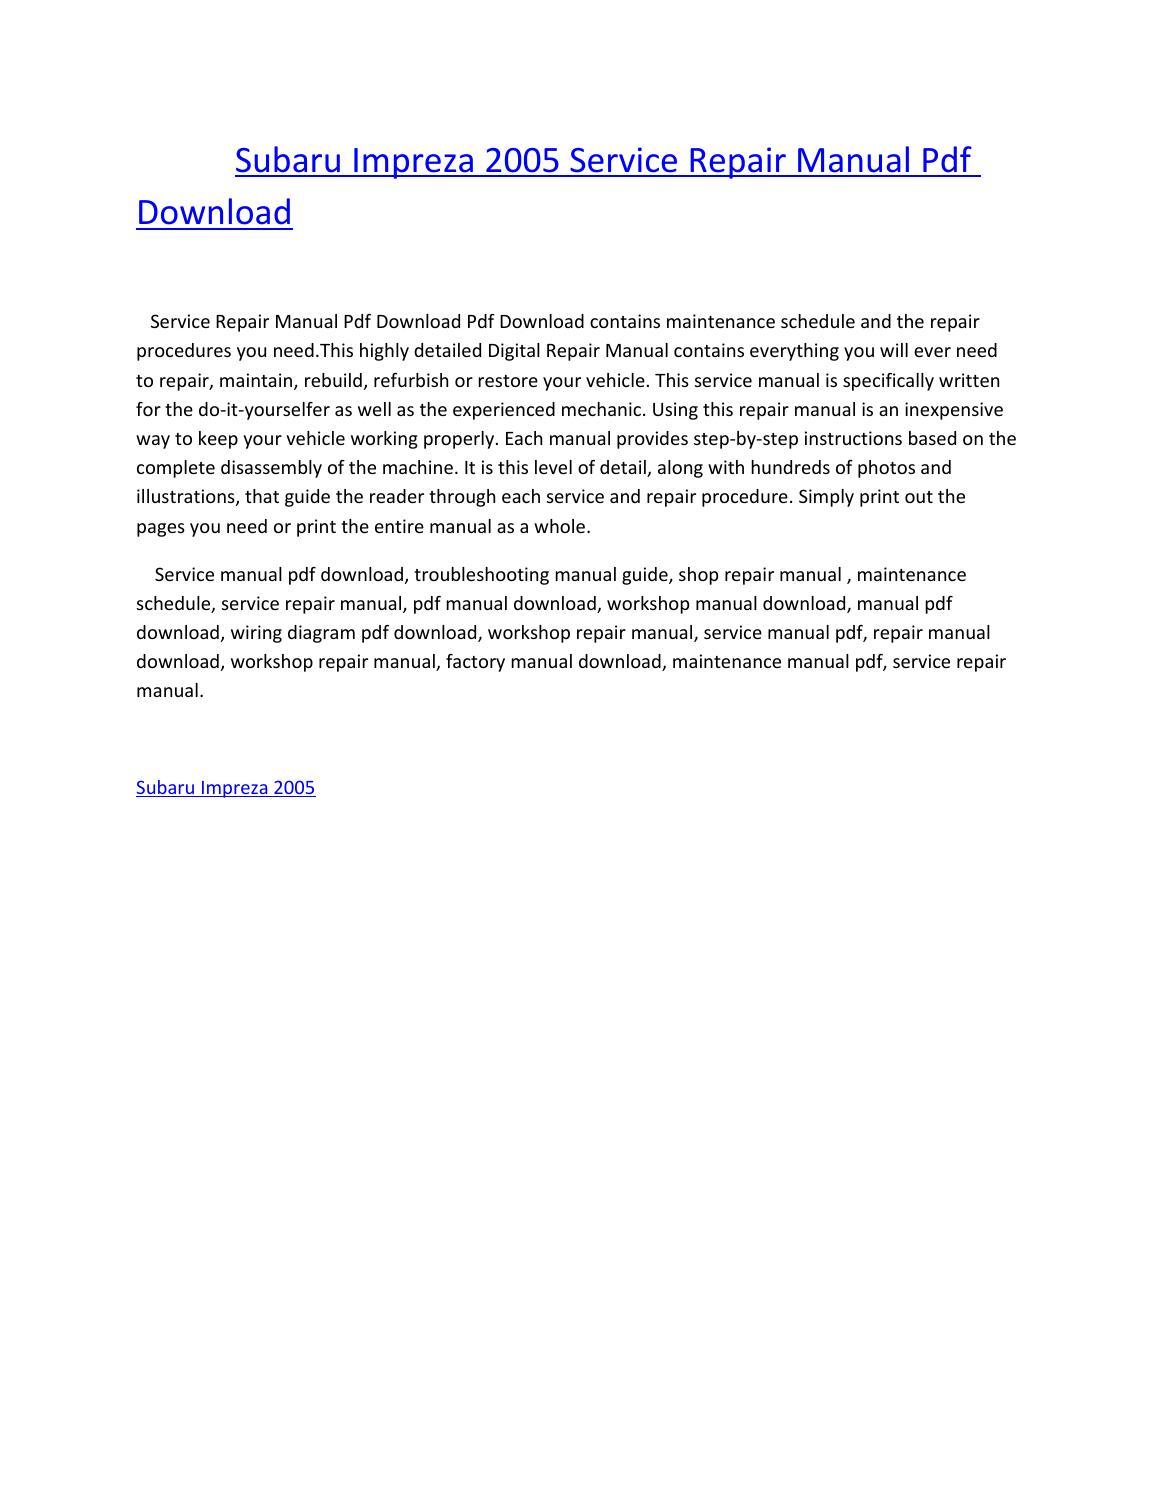 Subaru impreza 2005 service repair manual pdf download by amurgului - issuu